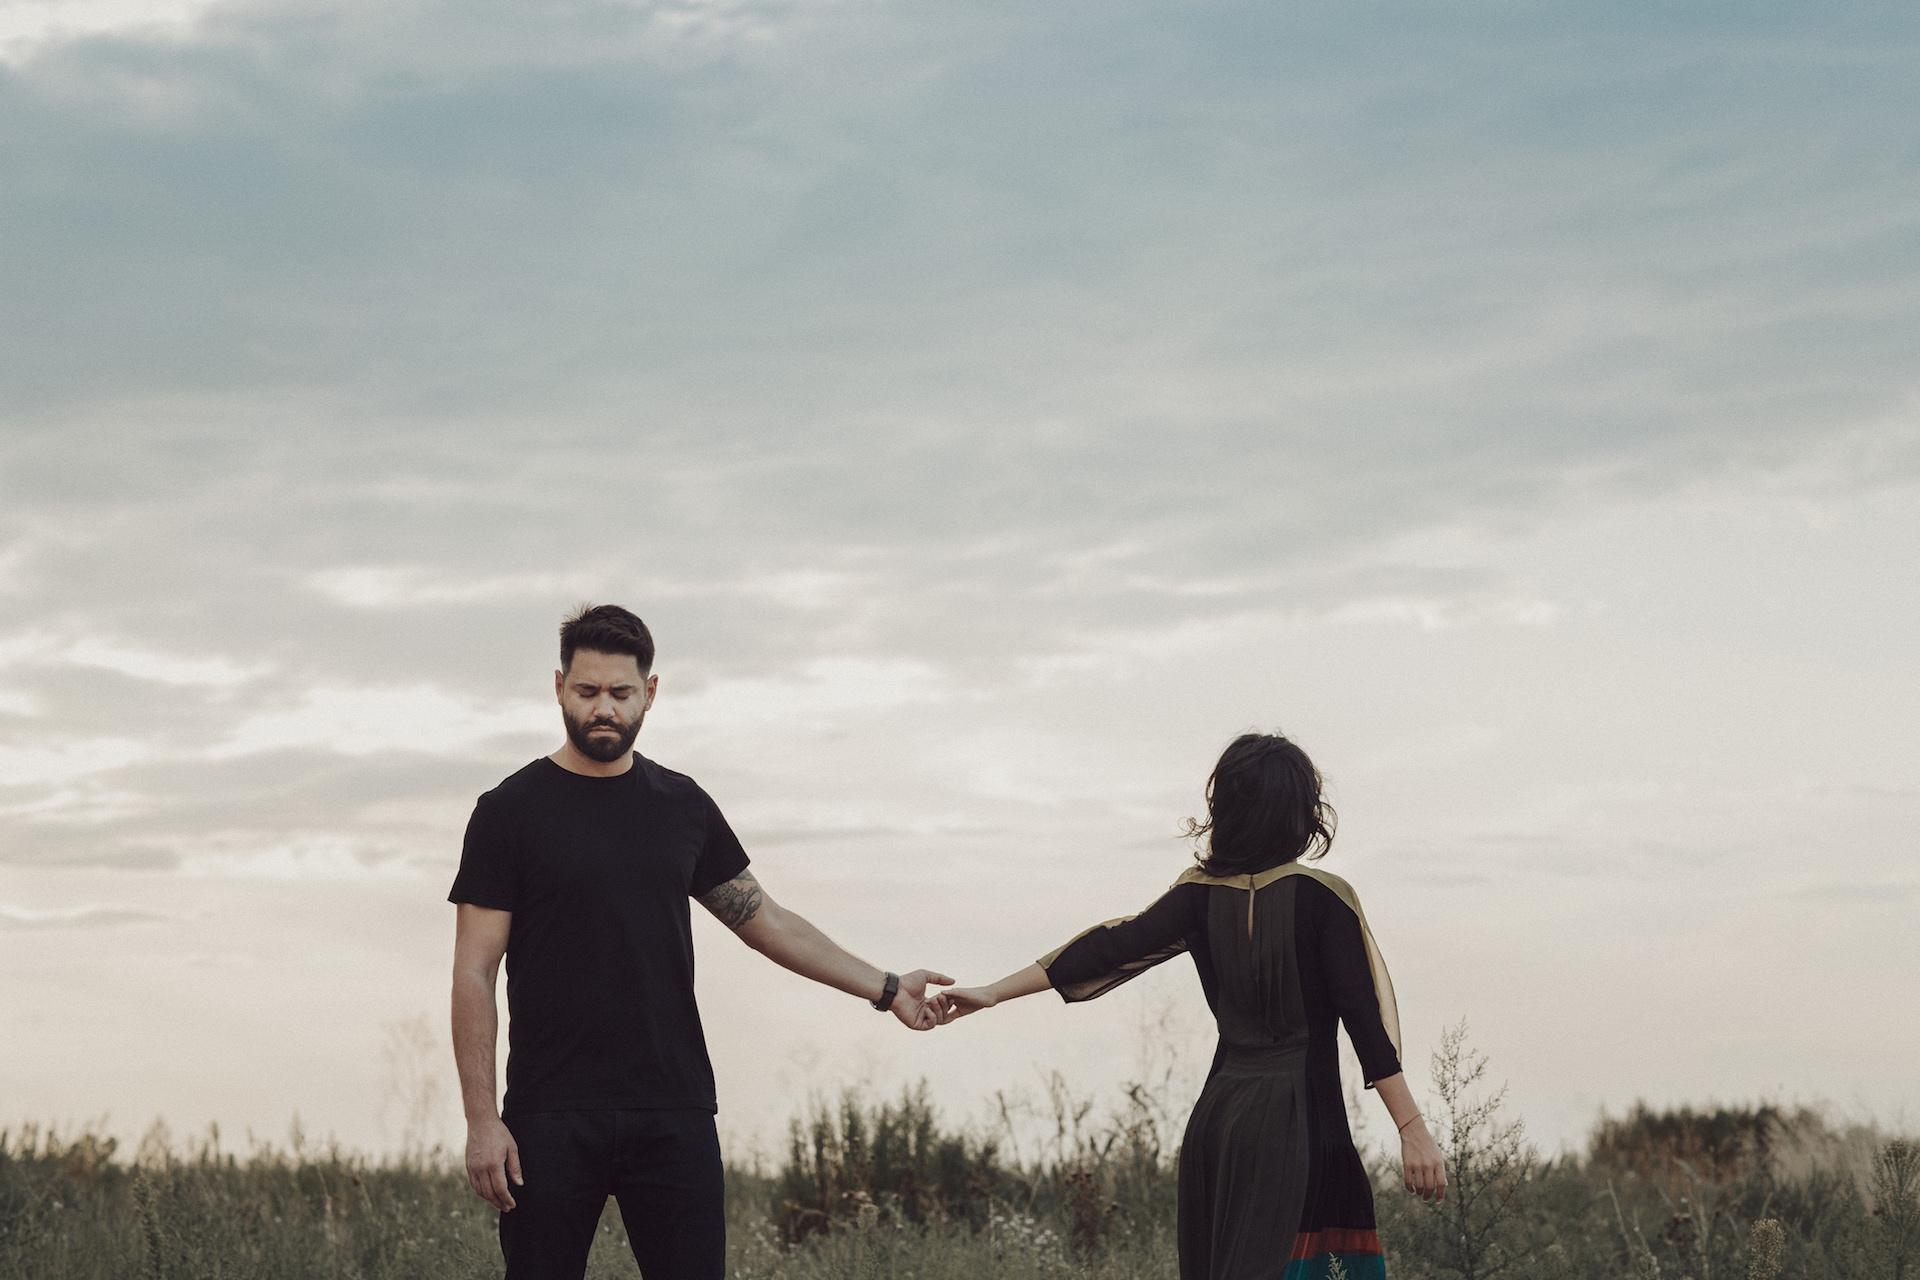 Kocanızın Size Ömür Boyu Bağlanması İçin Neler Yapmalısınız?